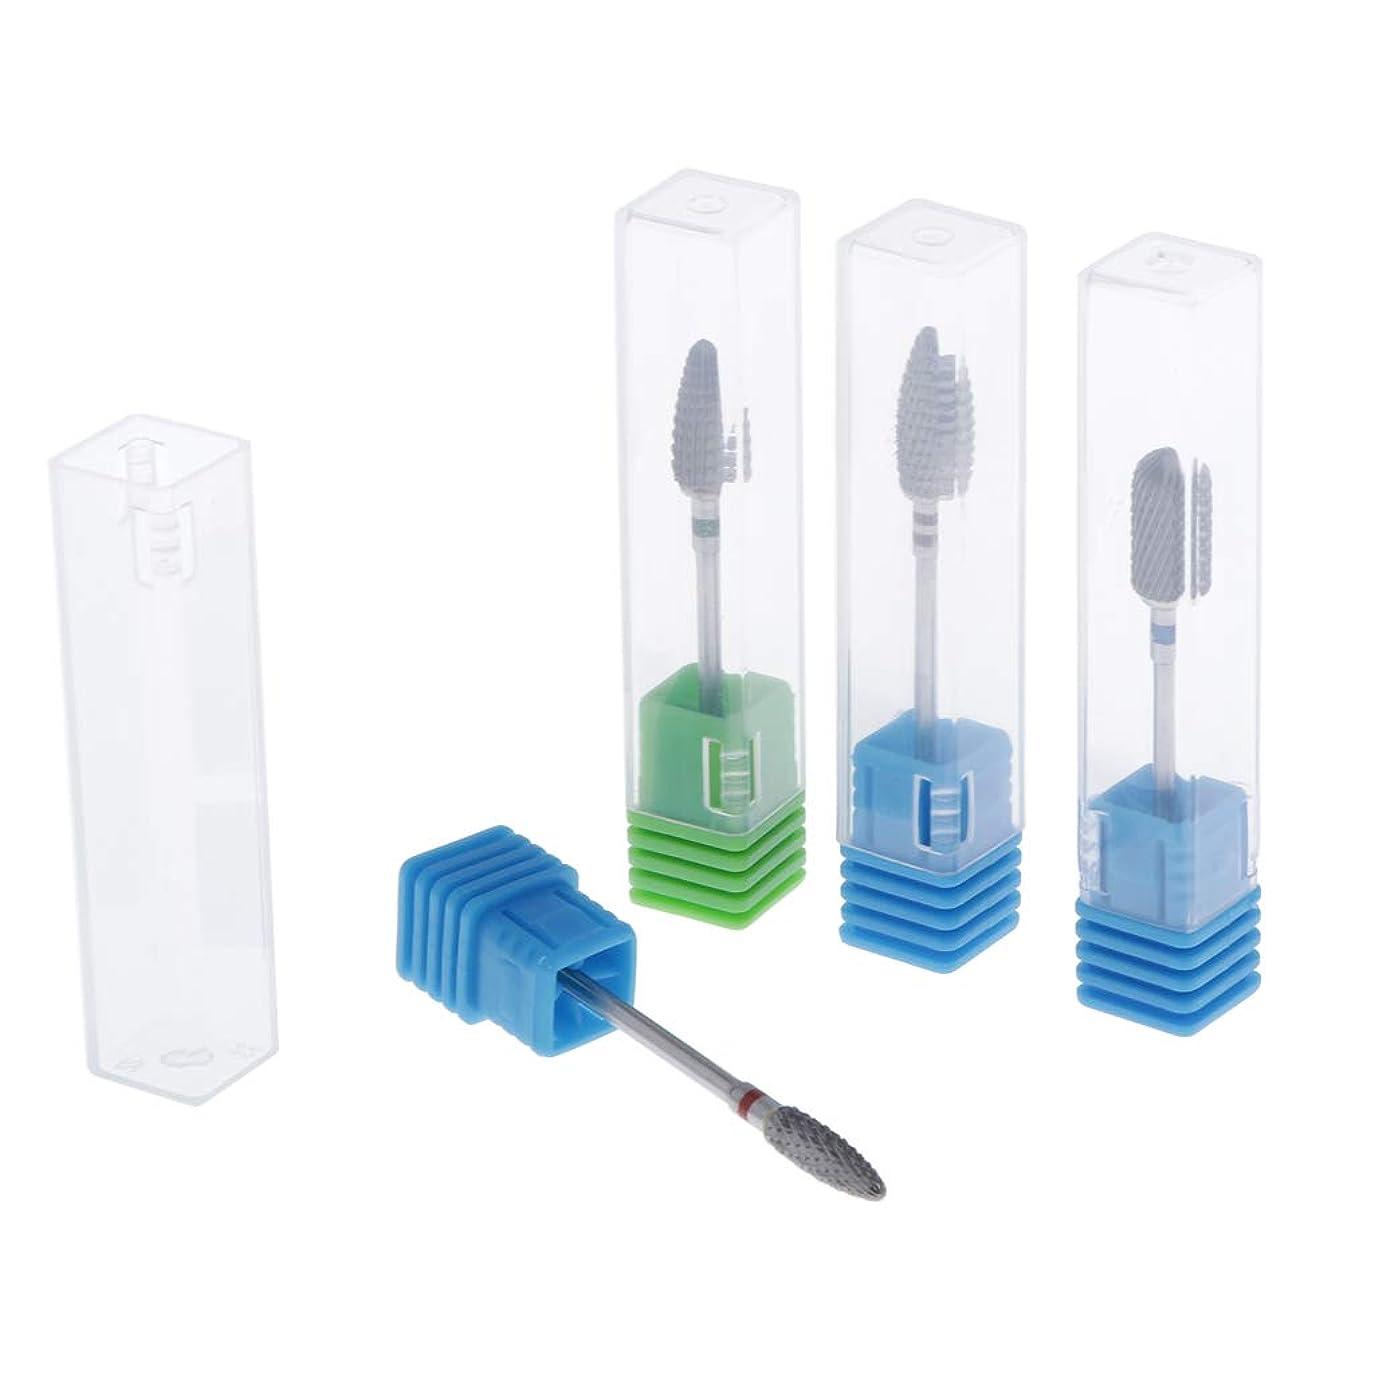 T TOOYFUL 陶磁器ドリルビット ネイルドリルビット ロータリーファイル 研削ネイル 切削工具 耐摩耗性 4個入